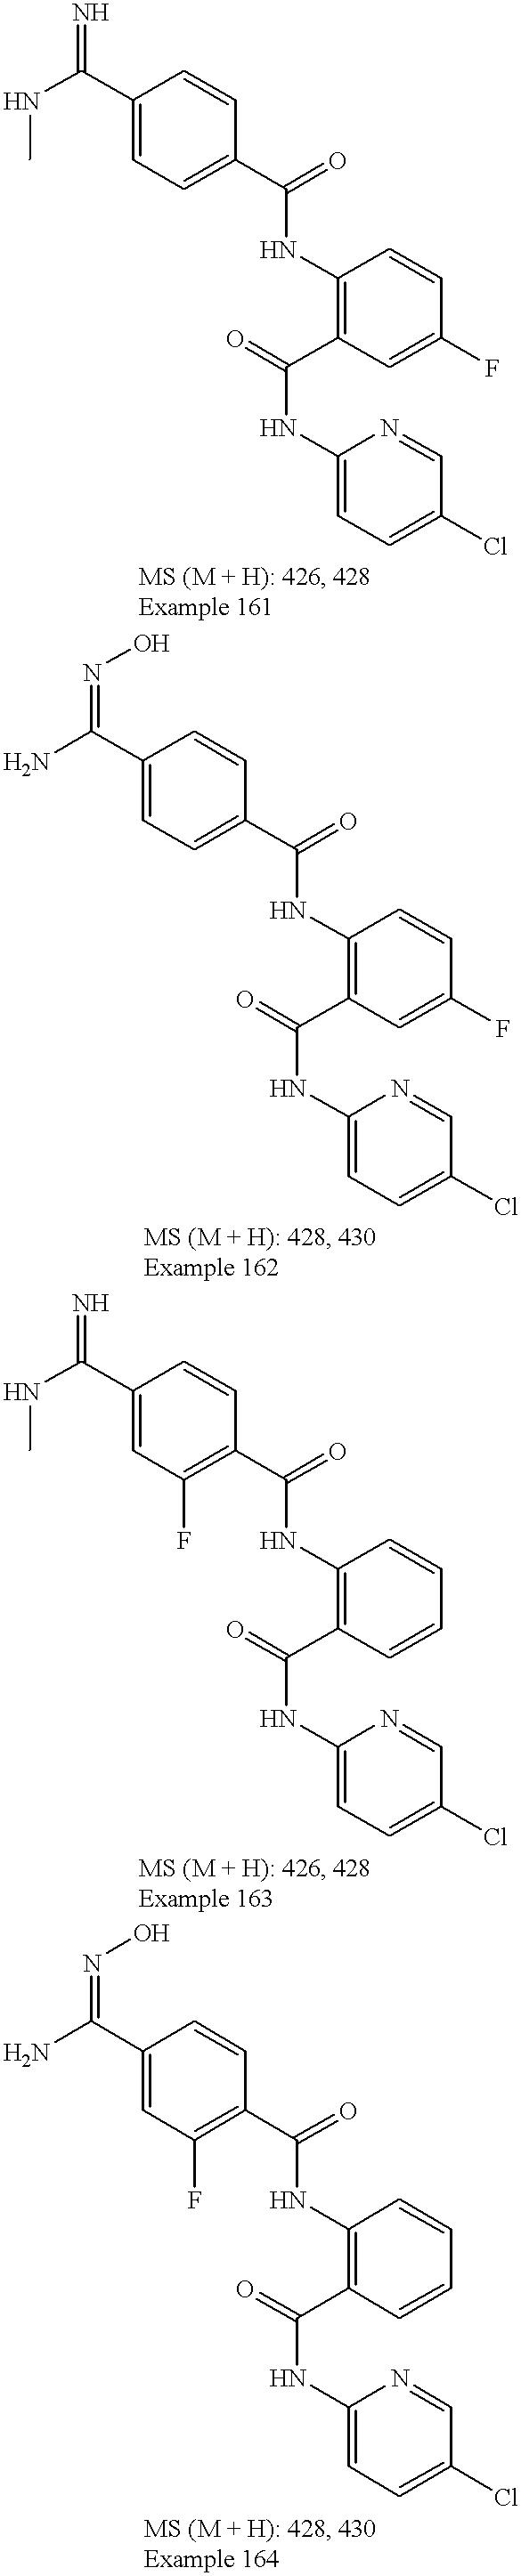 Figure US06376515-20020423-C00336